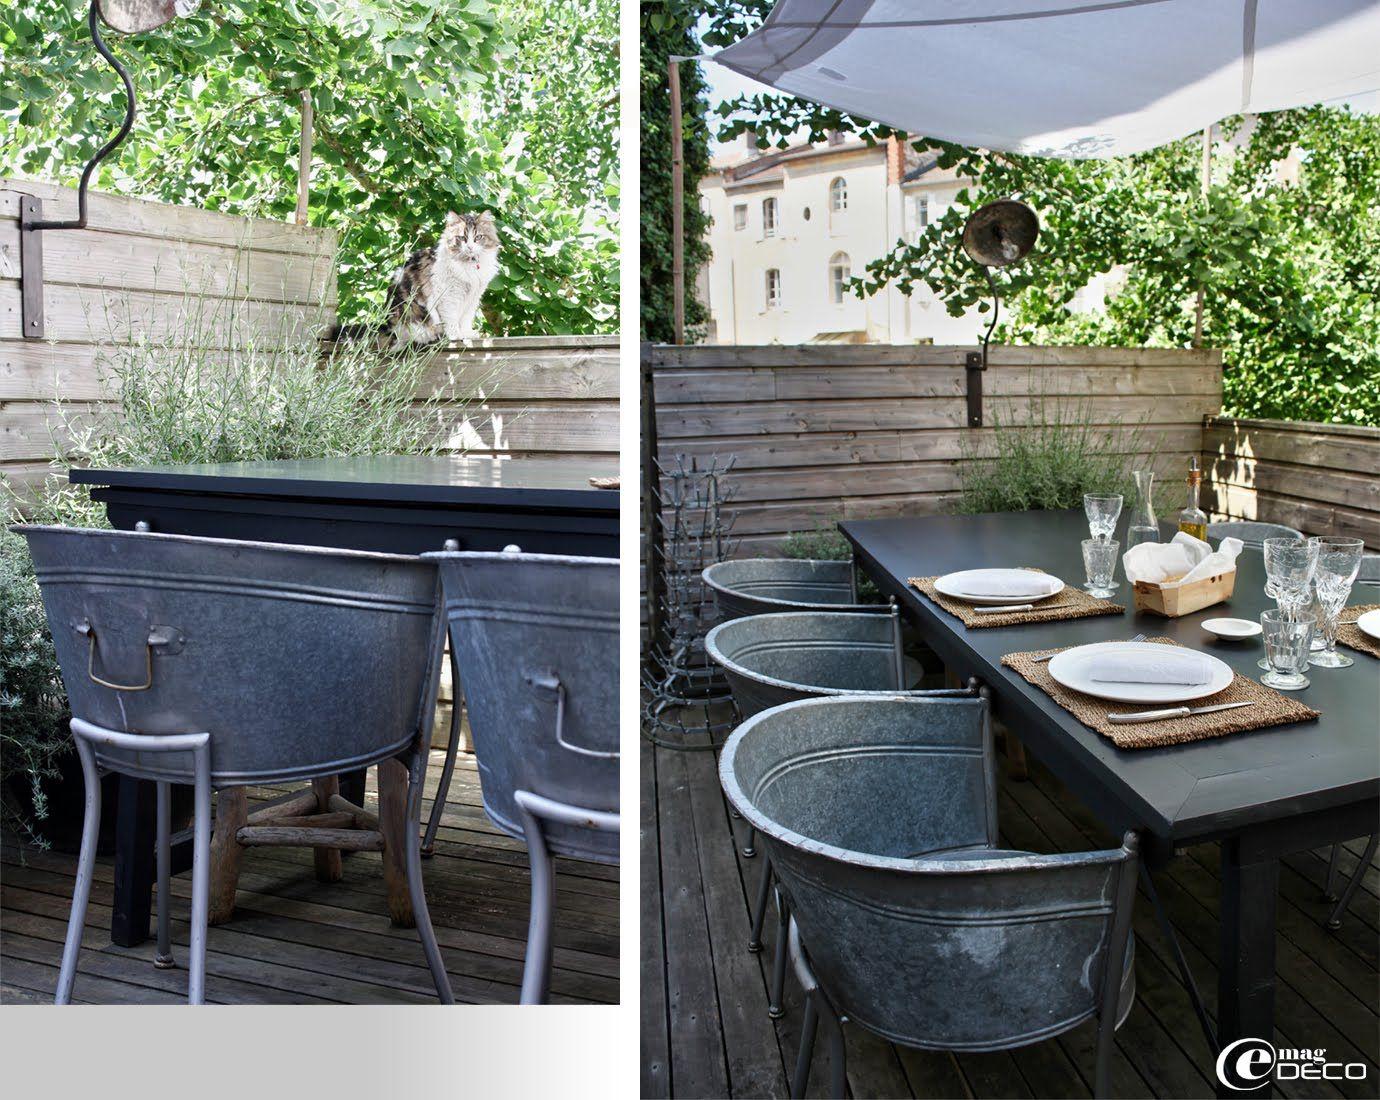 des si ges de terrasse r alis s partir de bassines en zinc d coup es puis mont es sur des. Black Bedroom Furniture Sets. Home Design Ideas